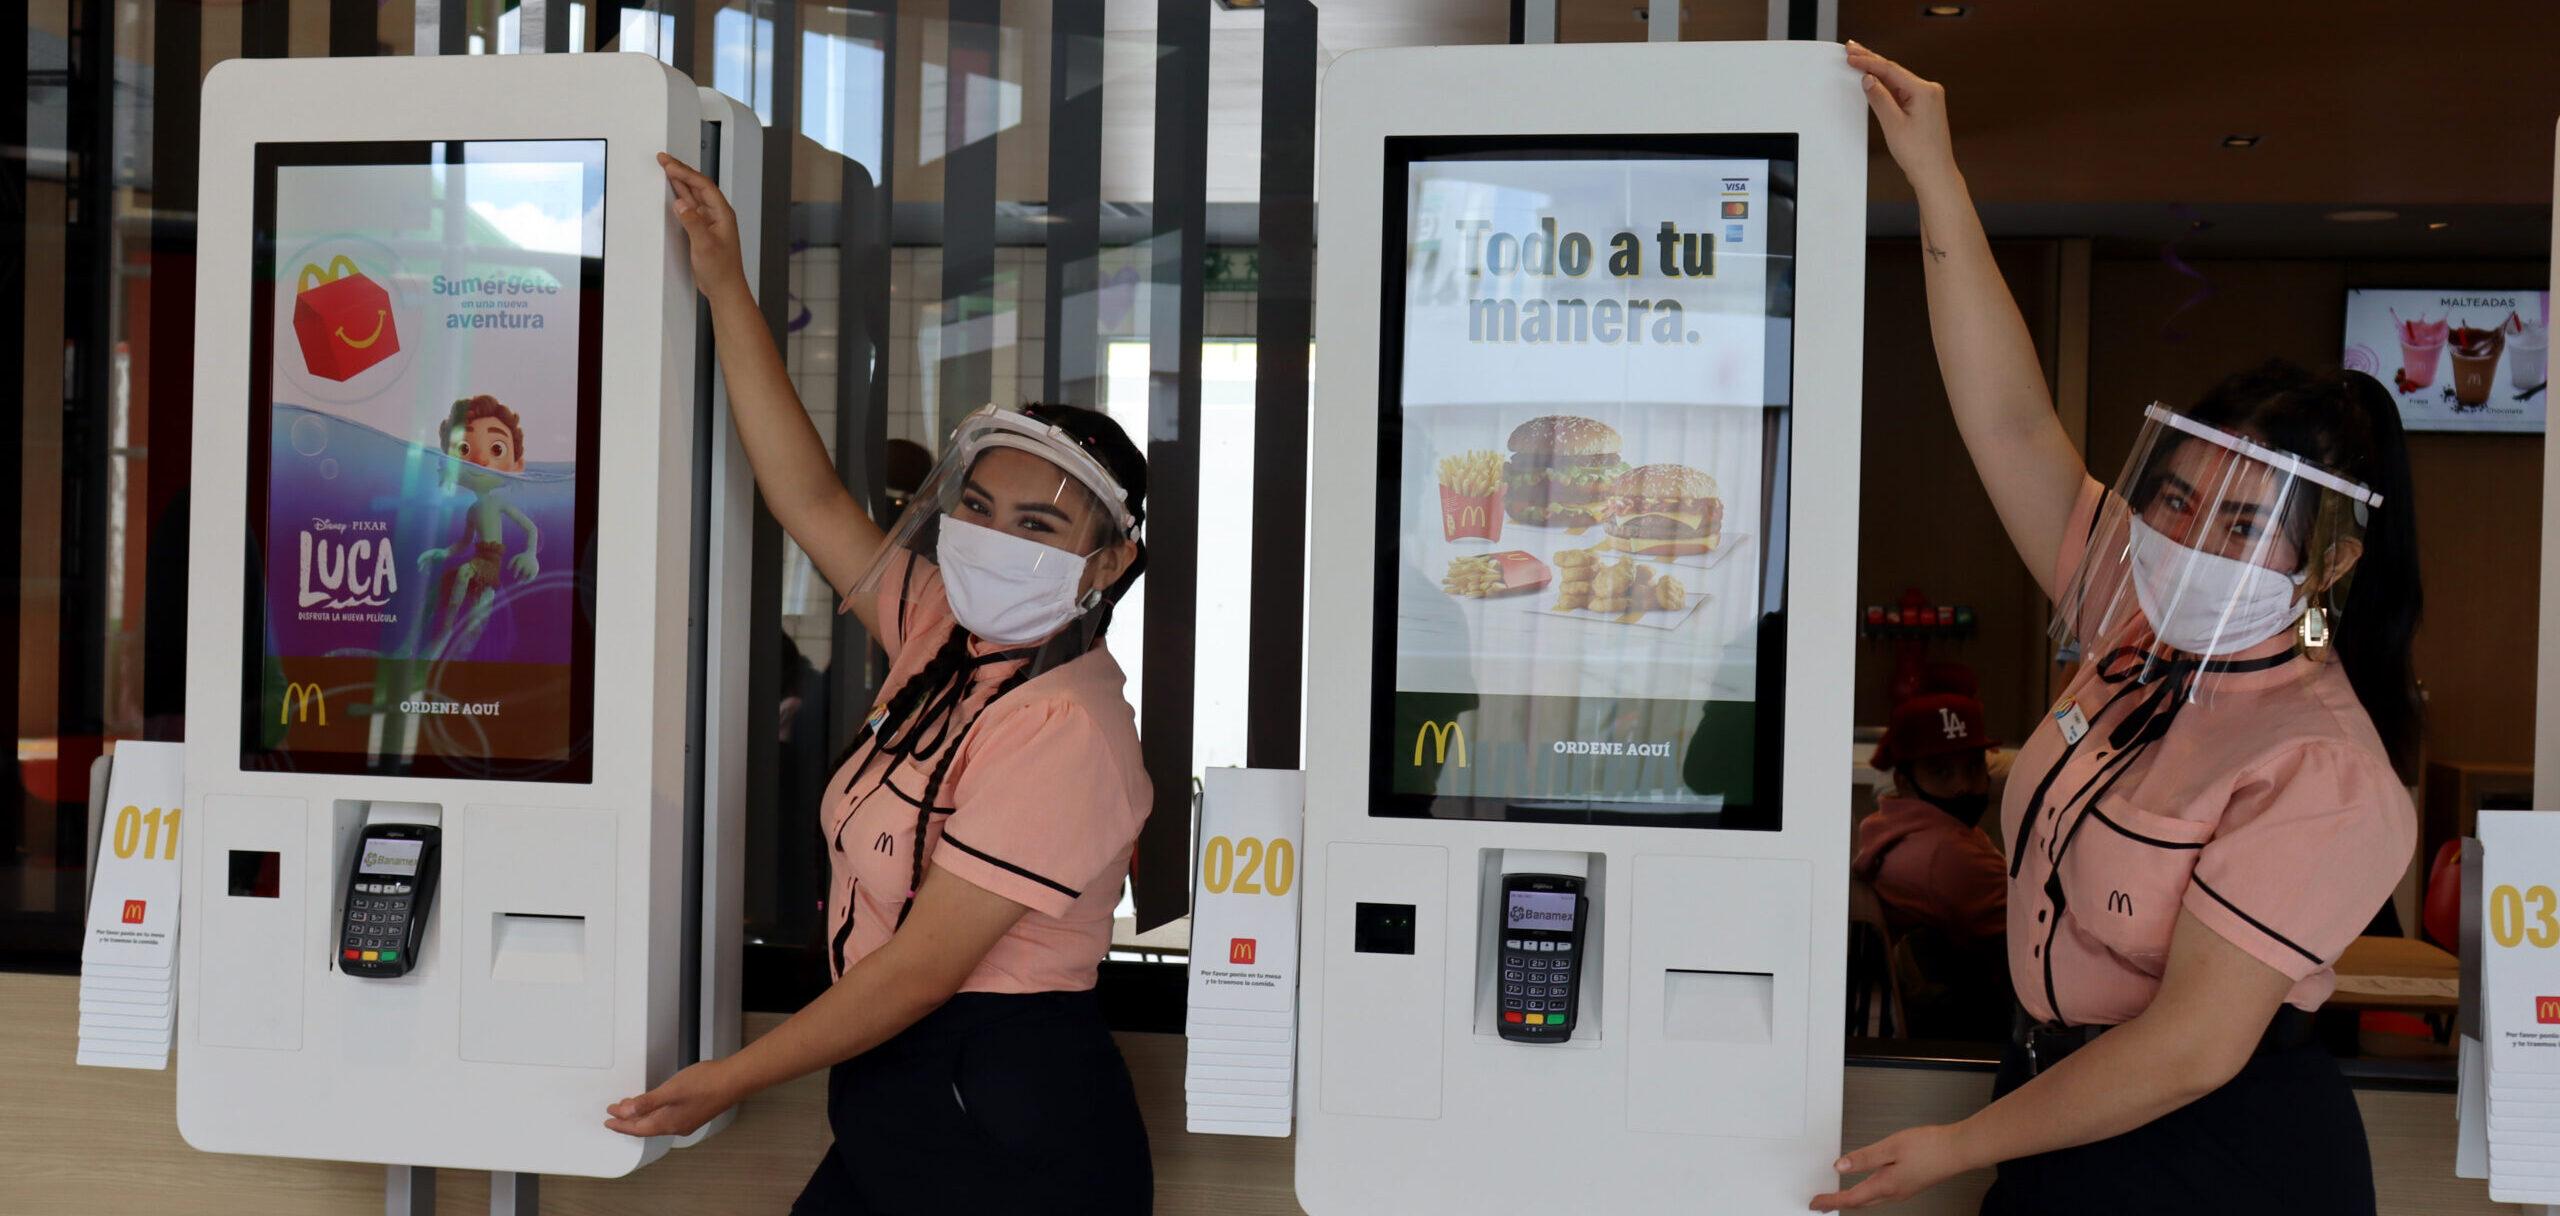 [México] Arcos Dorados presenta la revolución y transformación digital en los restaurantes McDonald's en México